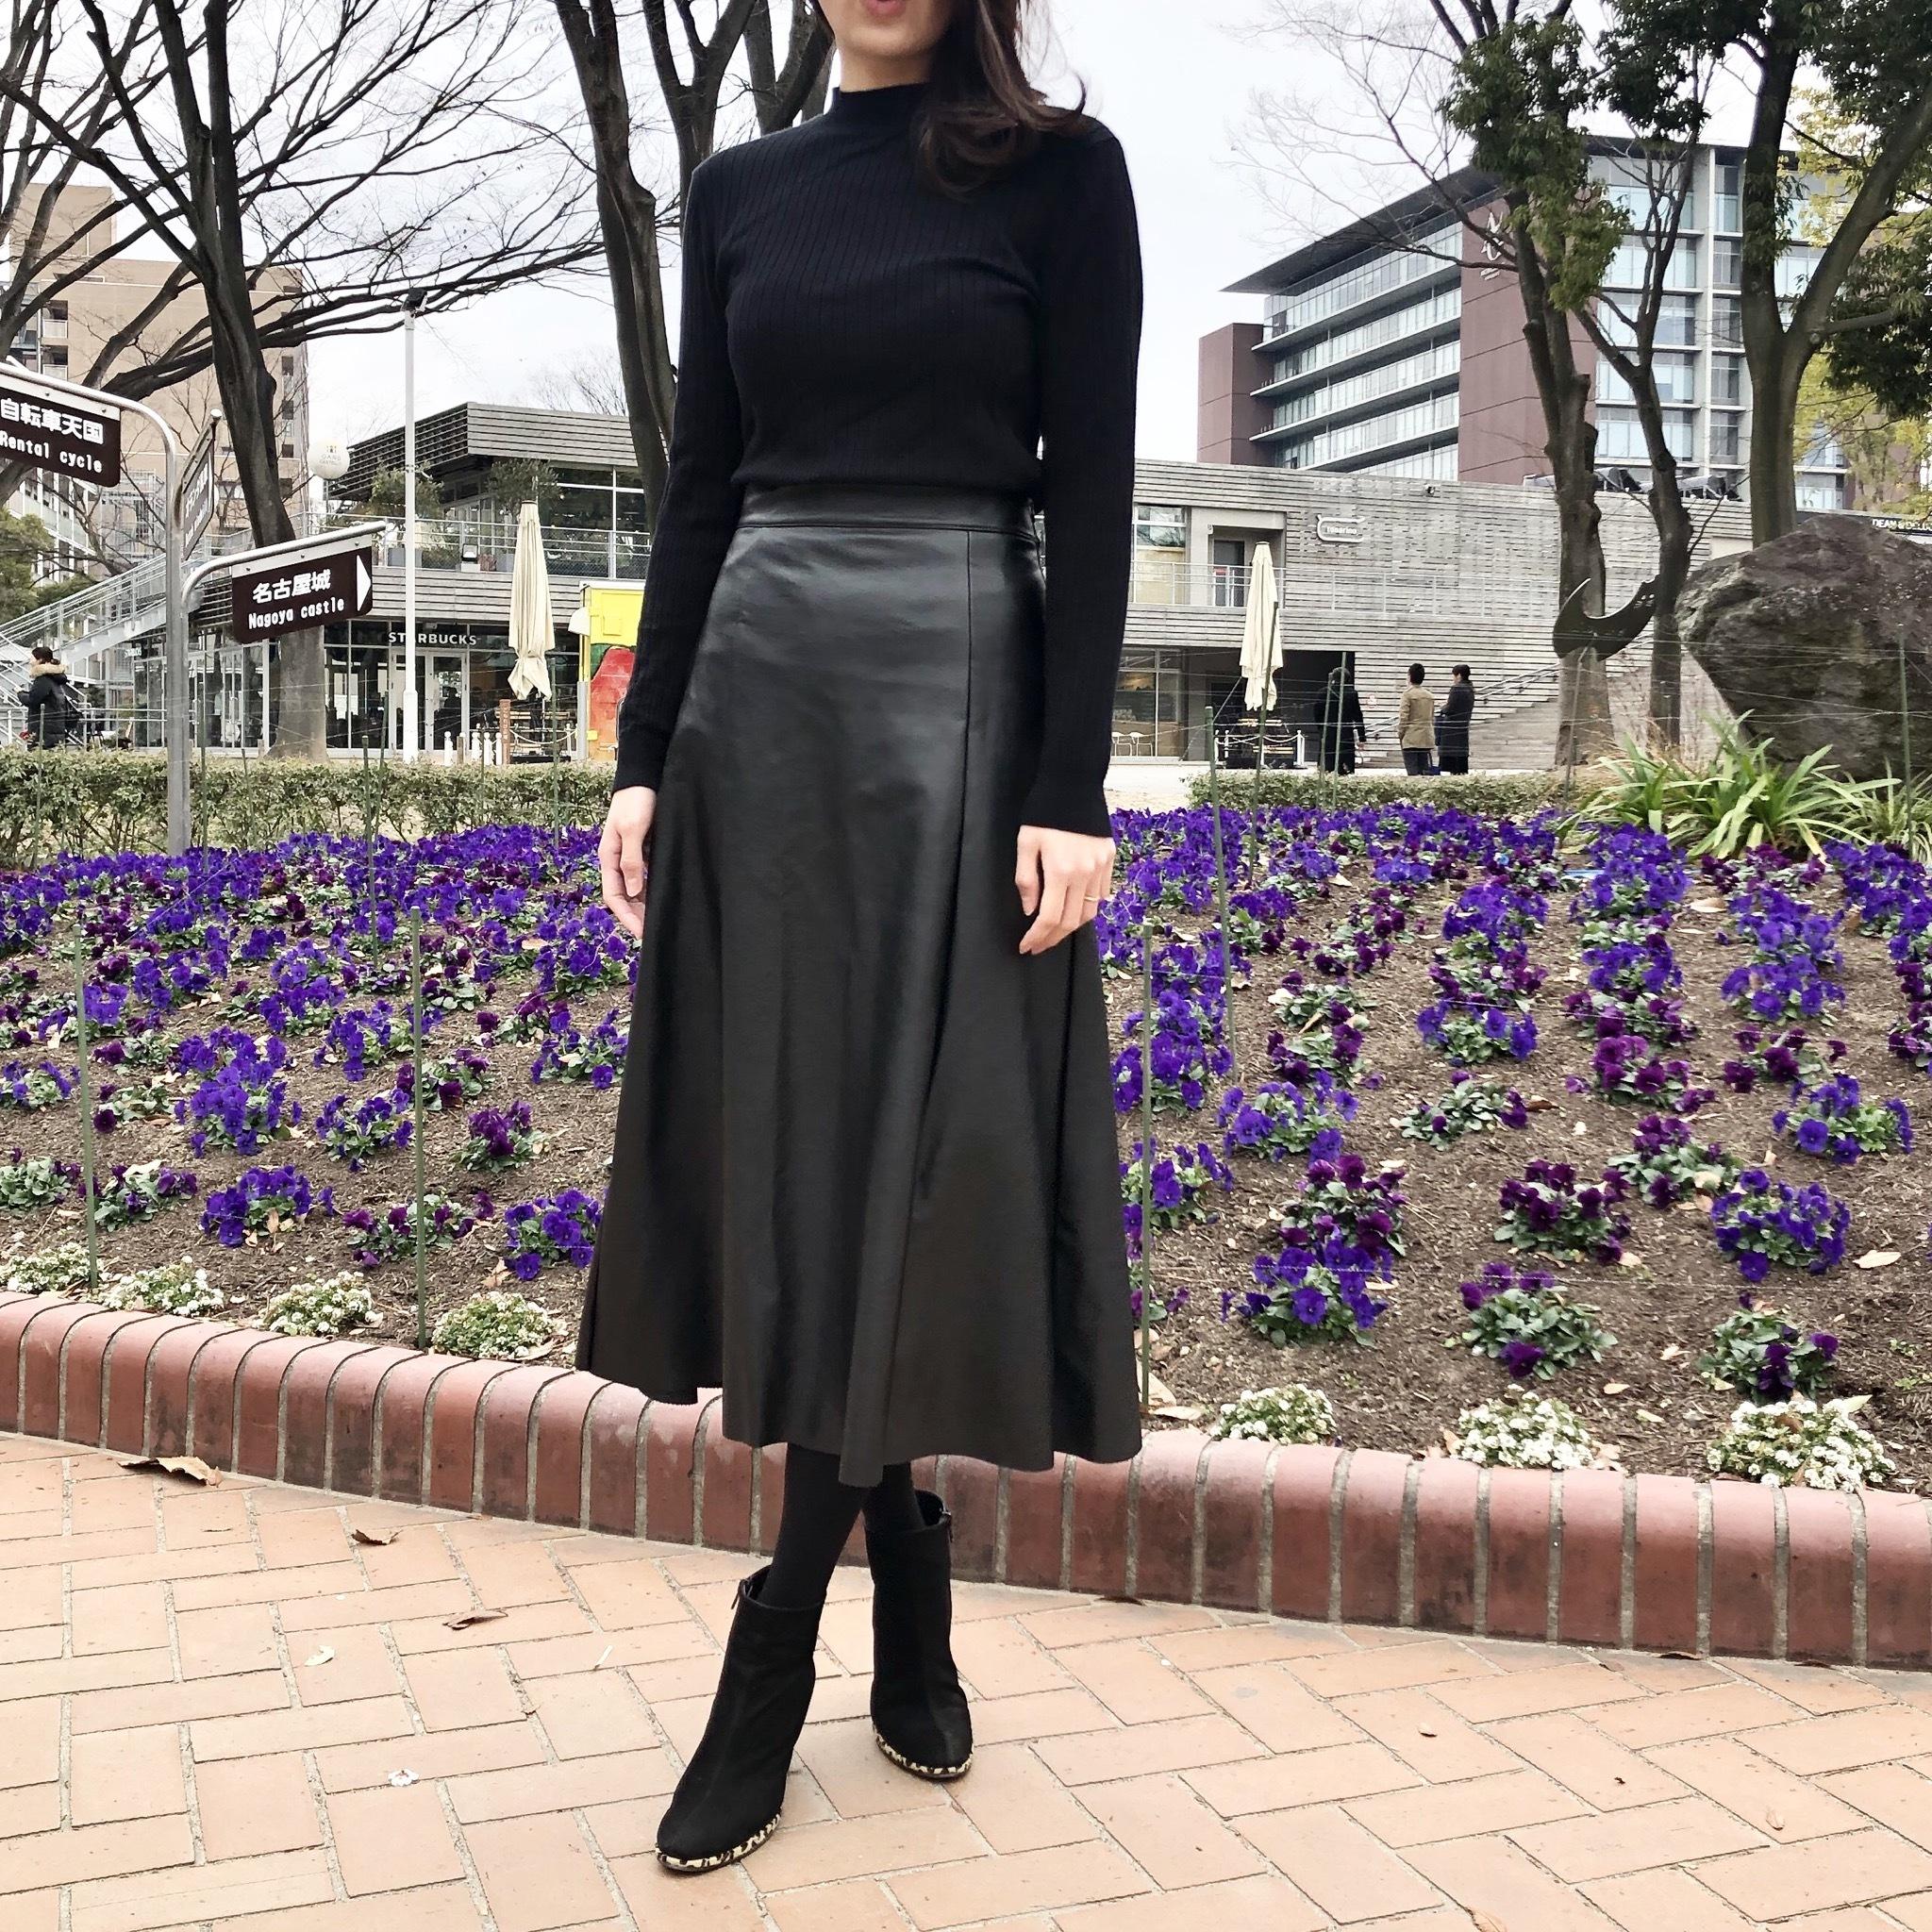 レザー スカート コーデ 大人の品格高まる♡フェイクレザースカートのおすすめ冬コーデ15選